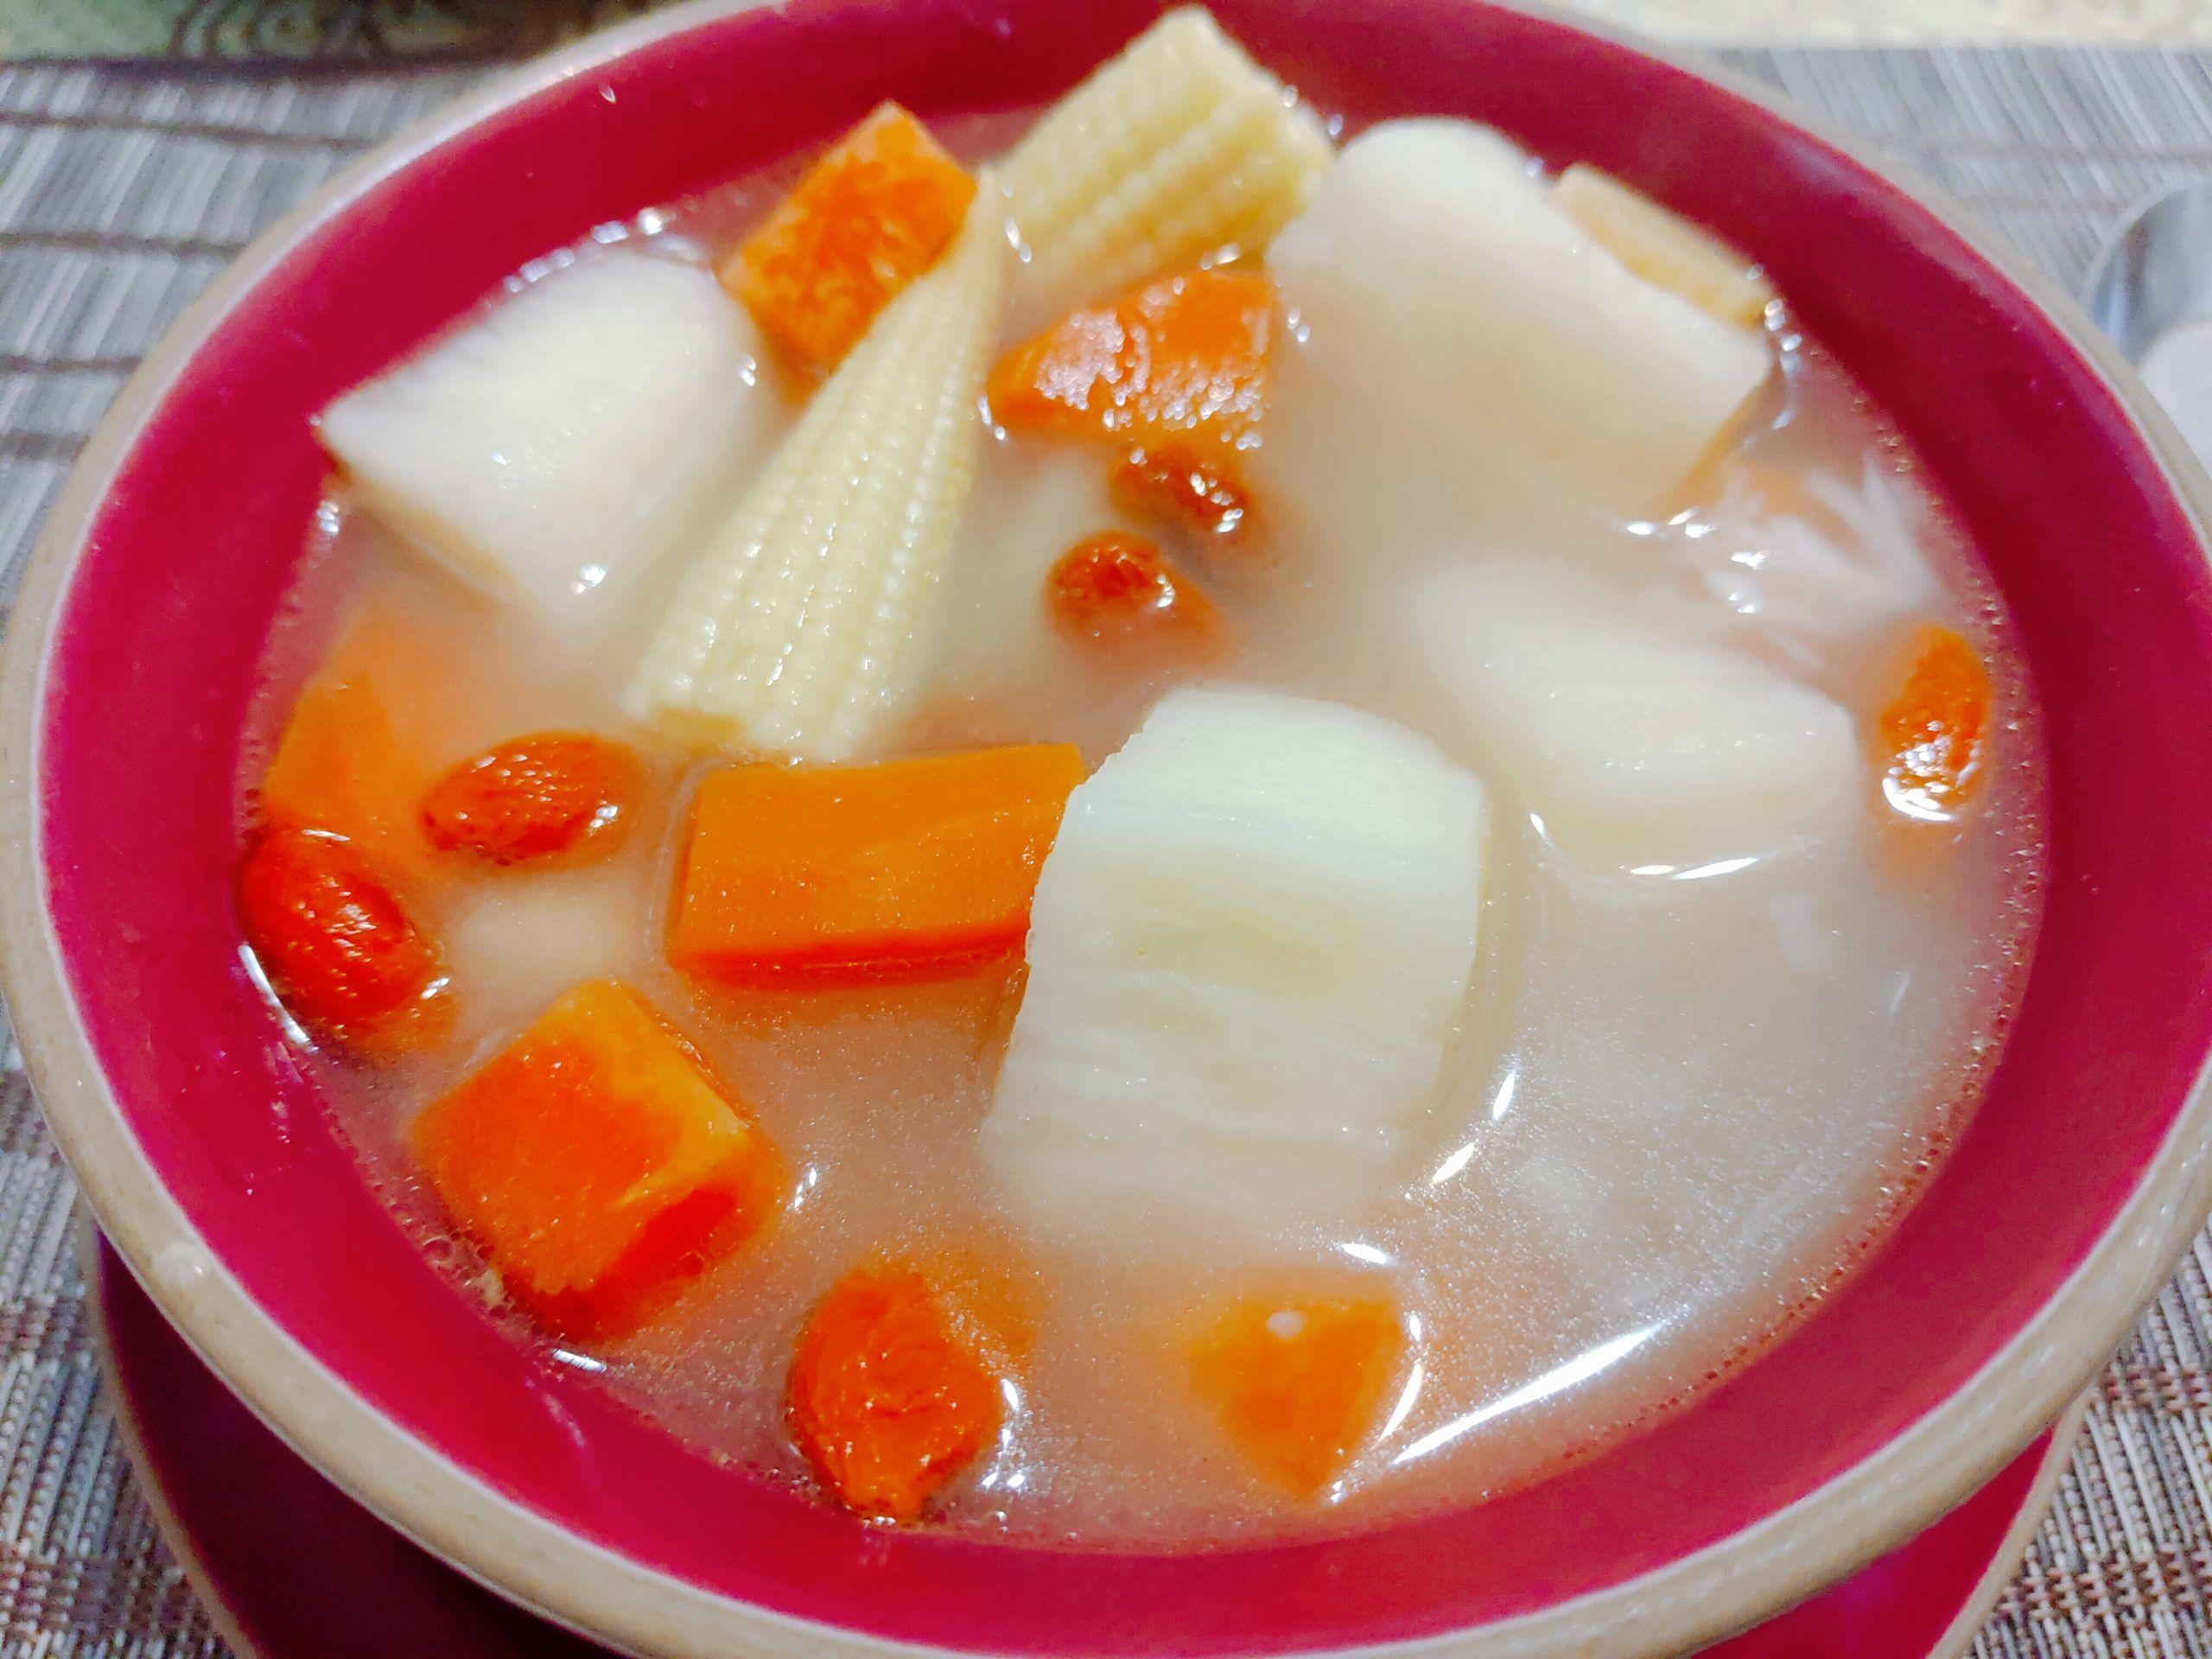 【食譜】山藥蔬菜湯|冬季進補養身補氣又能防老化|簡易食譜